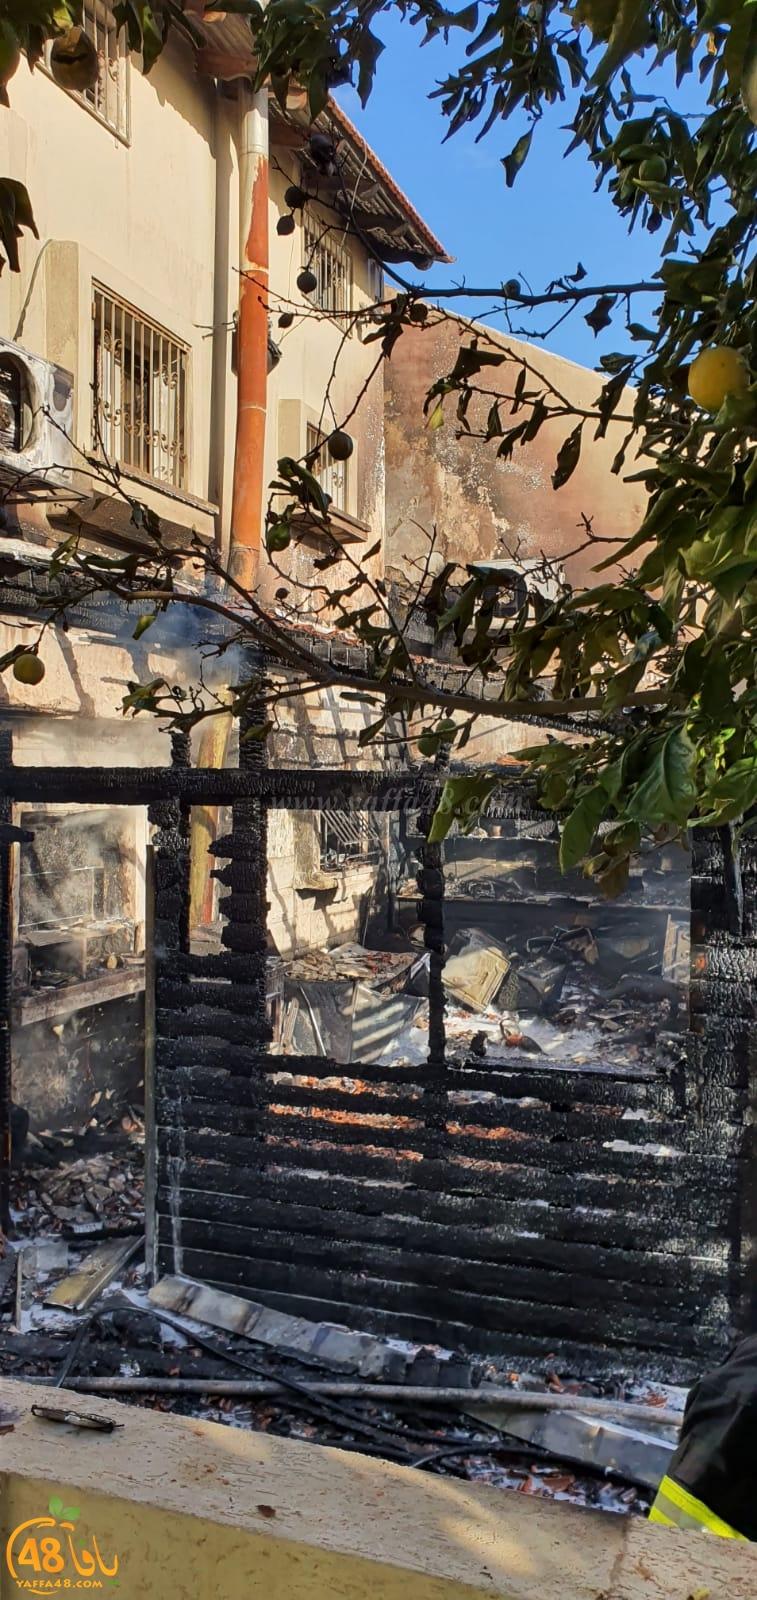 فيديو: مصرع رجل 50 عاماً اثر احتراق منزل في مدينة الرملة